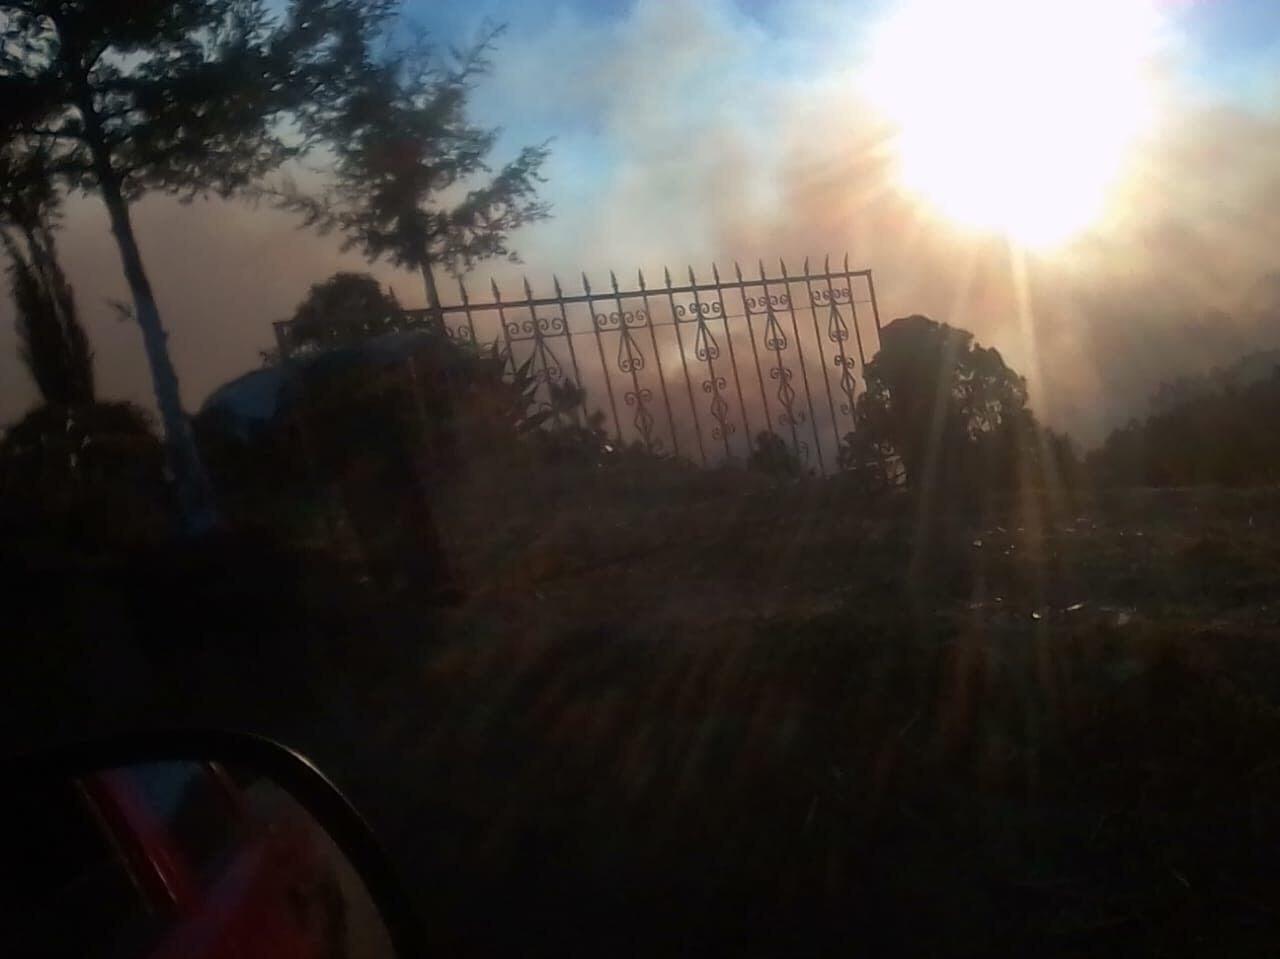 Piden ayuda para controlar incendio en Ixtacamaxtitlán